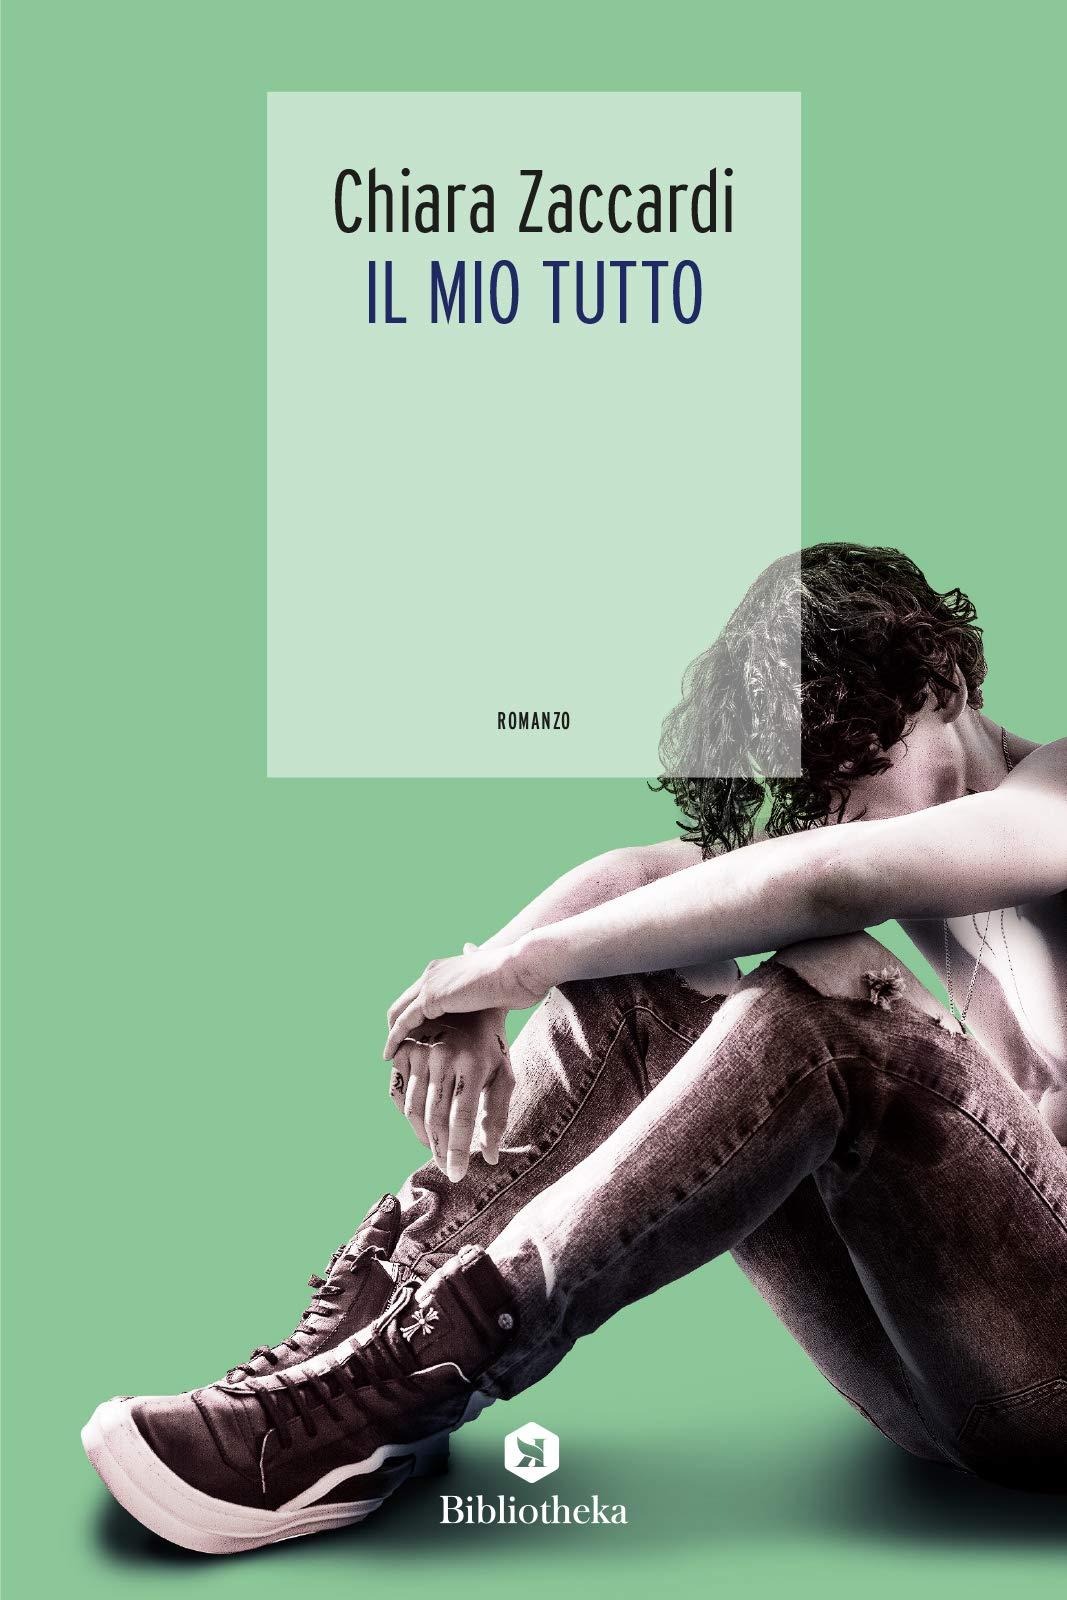 Il mio tutto: Amazon.it: Zaccardi, Chiara: Libri